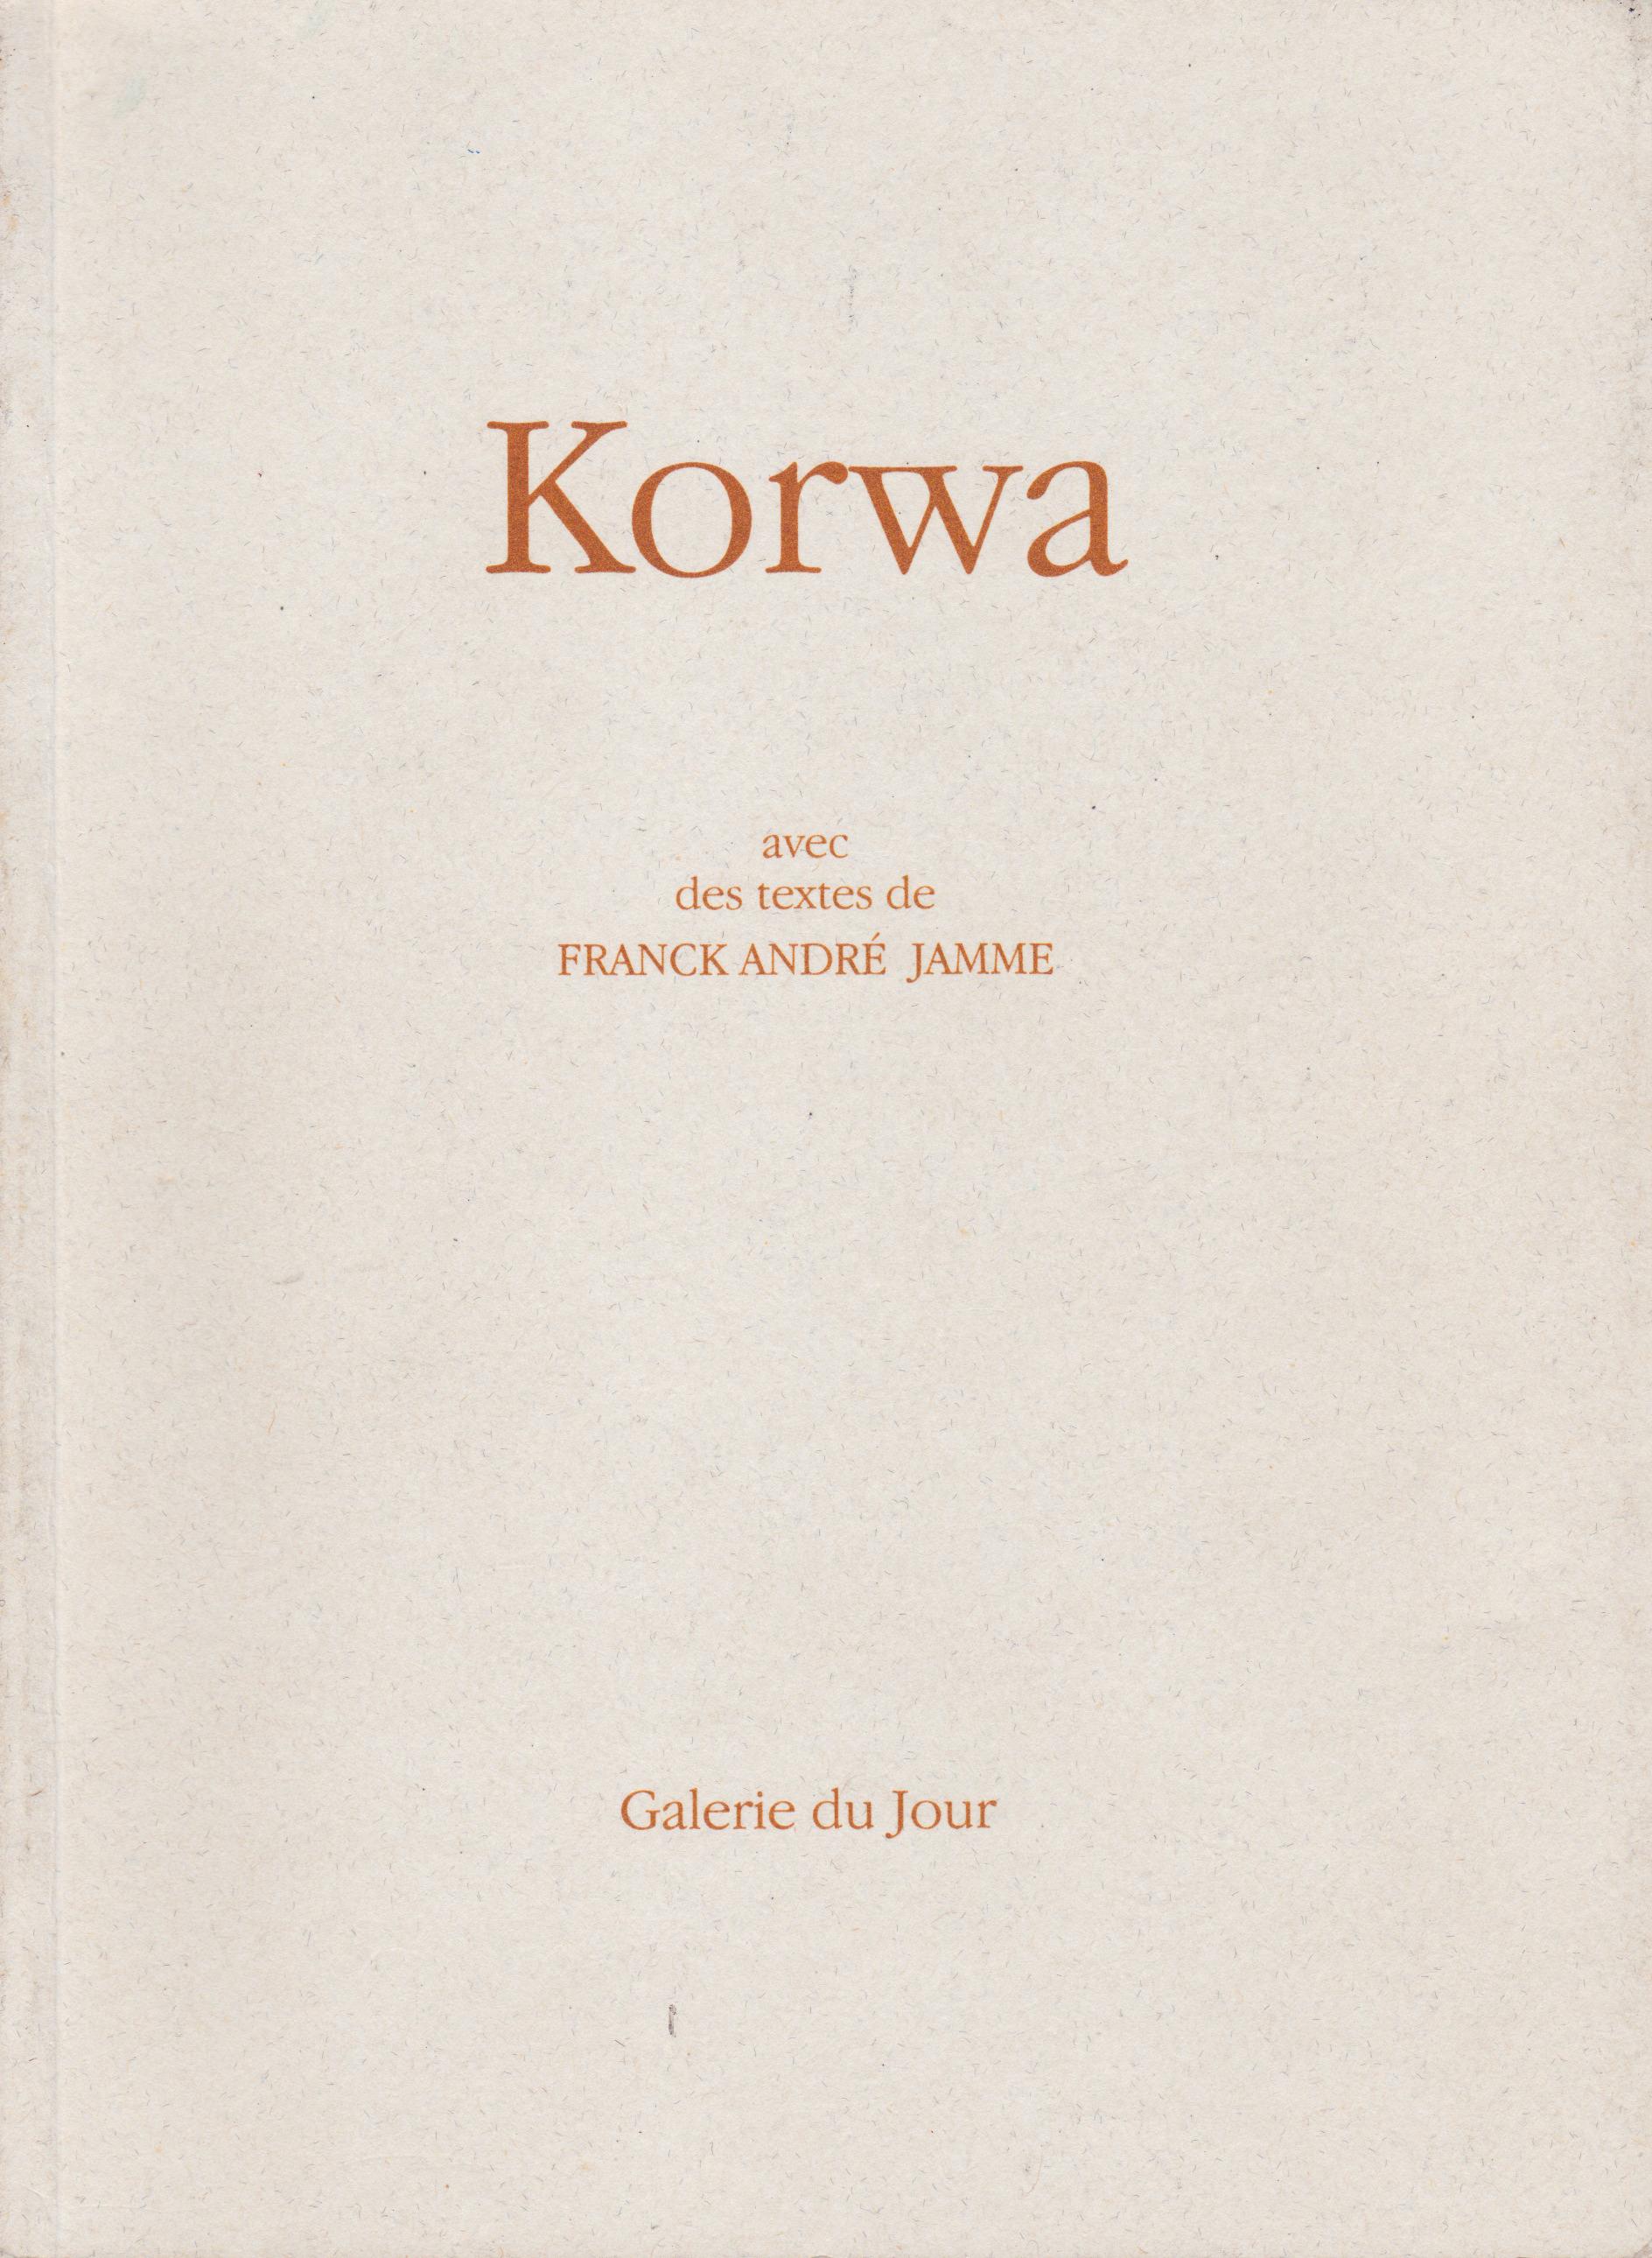 livre korwa agnes b. galerie du jour 1996